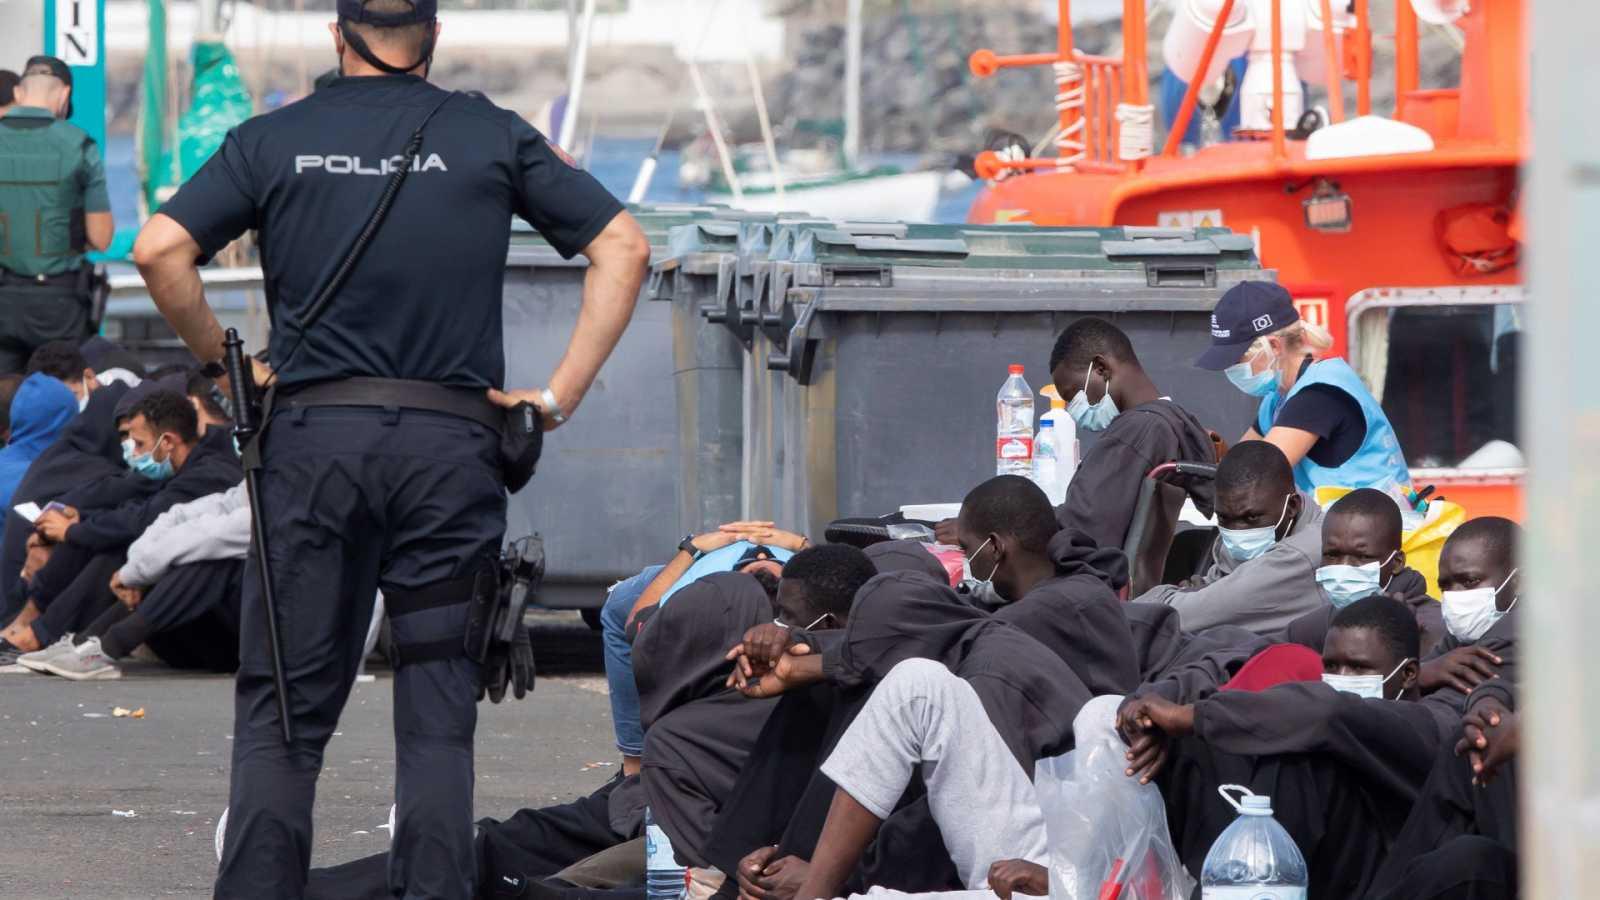 24 horas - Continúan los rescates en Canarias: más de 300 personas llegan a Arguineguín en un día - Escuchar ahora